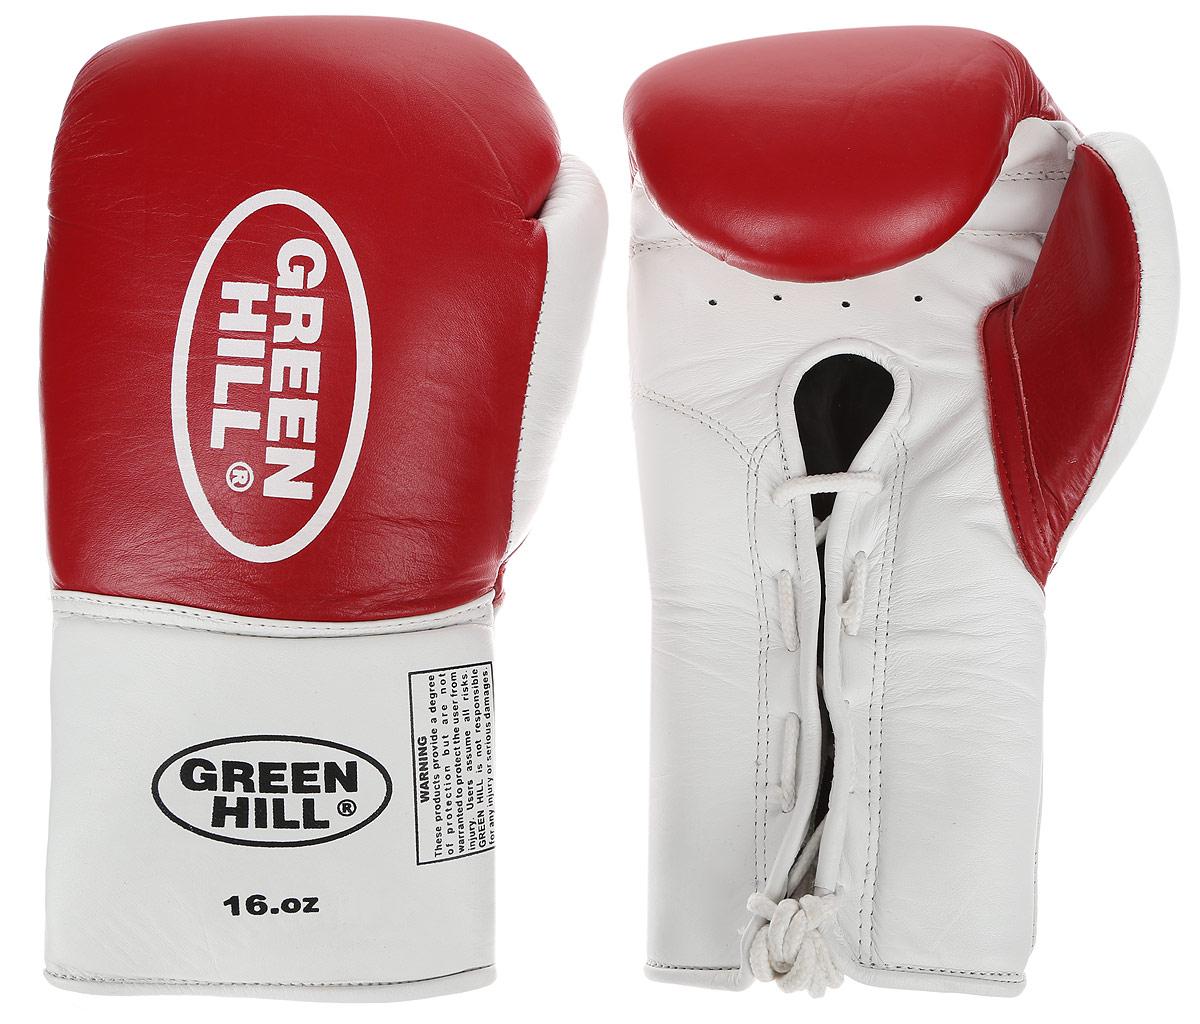 Перчатки боксерские Green Hill Proffi, цвет: красный, белый. Вес 16 унций. BGP-2014BGS-1213сБоксерские перчатки Green Hill Proffi предназначены для использования профессионалами. Верх выполнен из натуральной кожи, наполнитель - из вспененного полимера. Отверстие в области ладони позволяет создать максимально комфортный терморежим во время занятий. Манжет на шнуровке способствует быстрому и удобному надеванию перчаток, плотно фиксирует перчатки на руке.